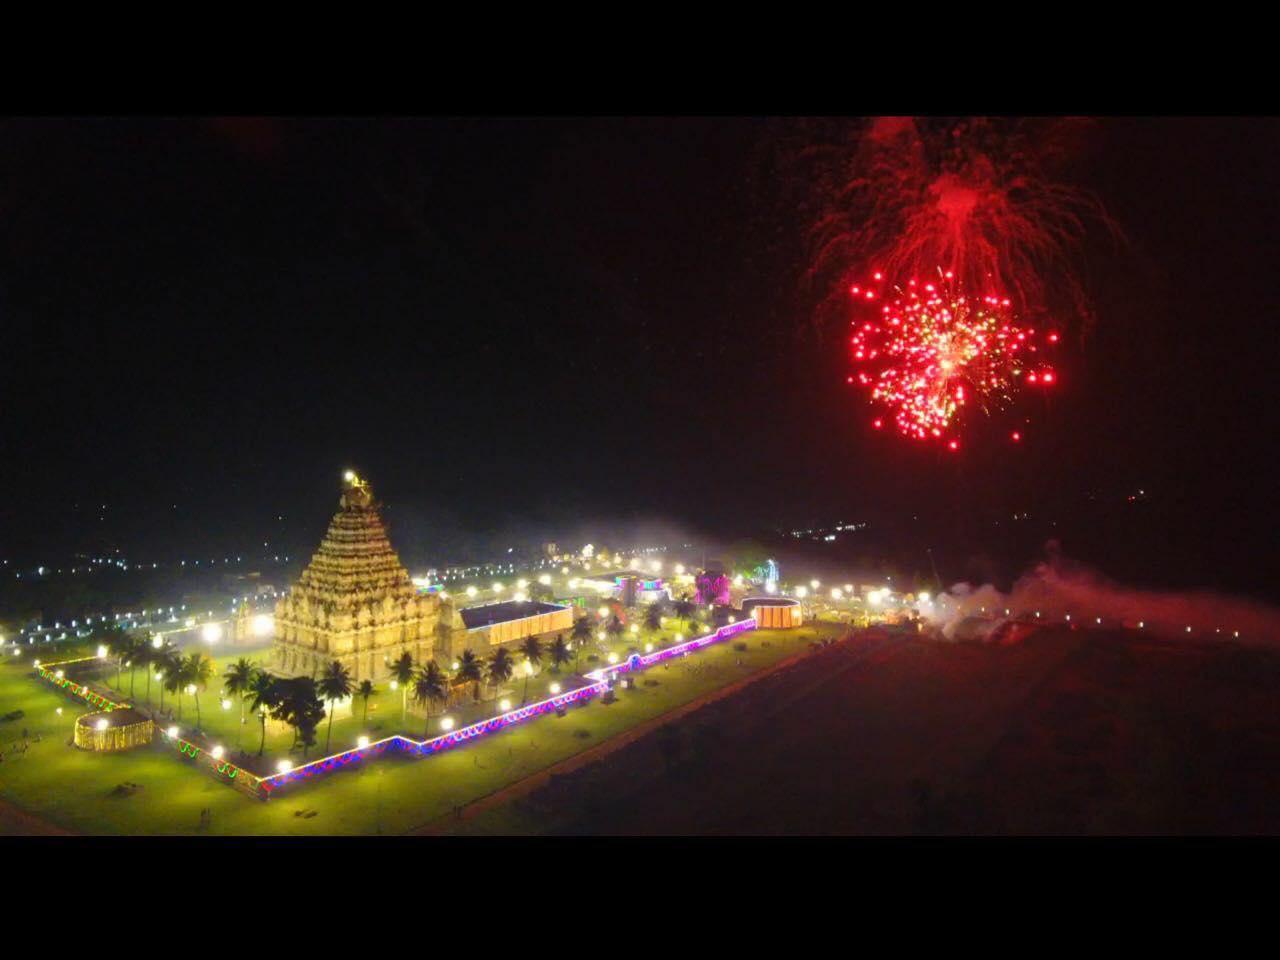 கங்கை கொண்ட சோழபுரம், ராஜேந்திரச் சோழன்